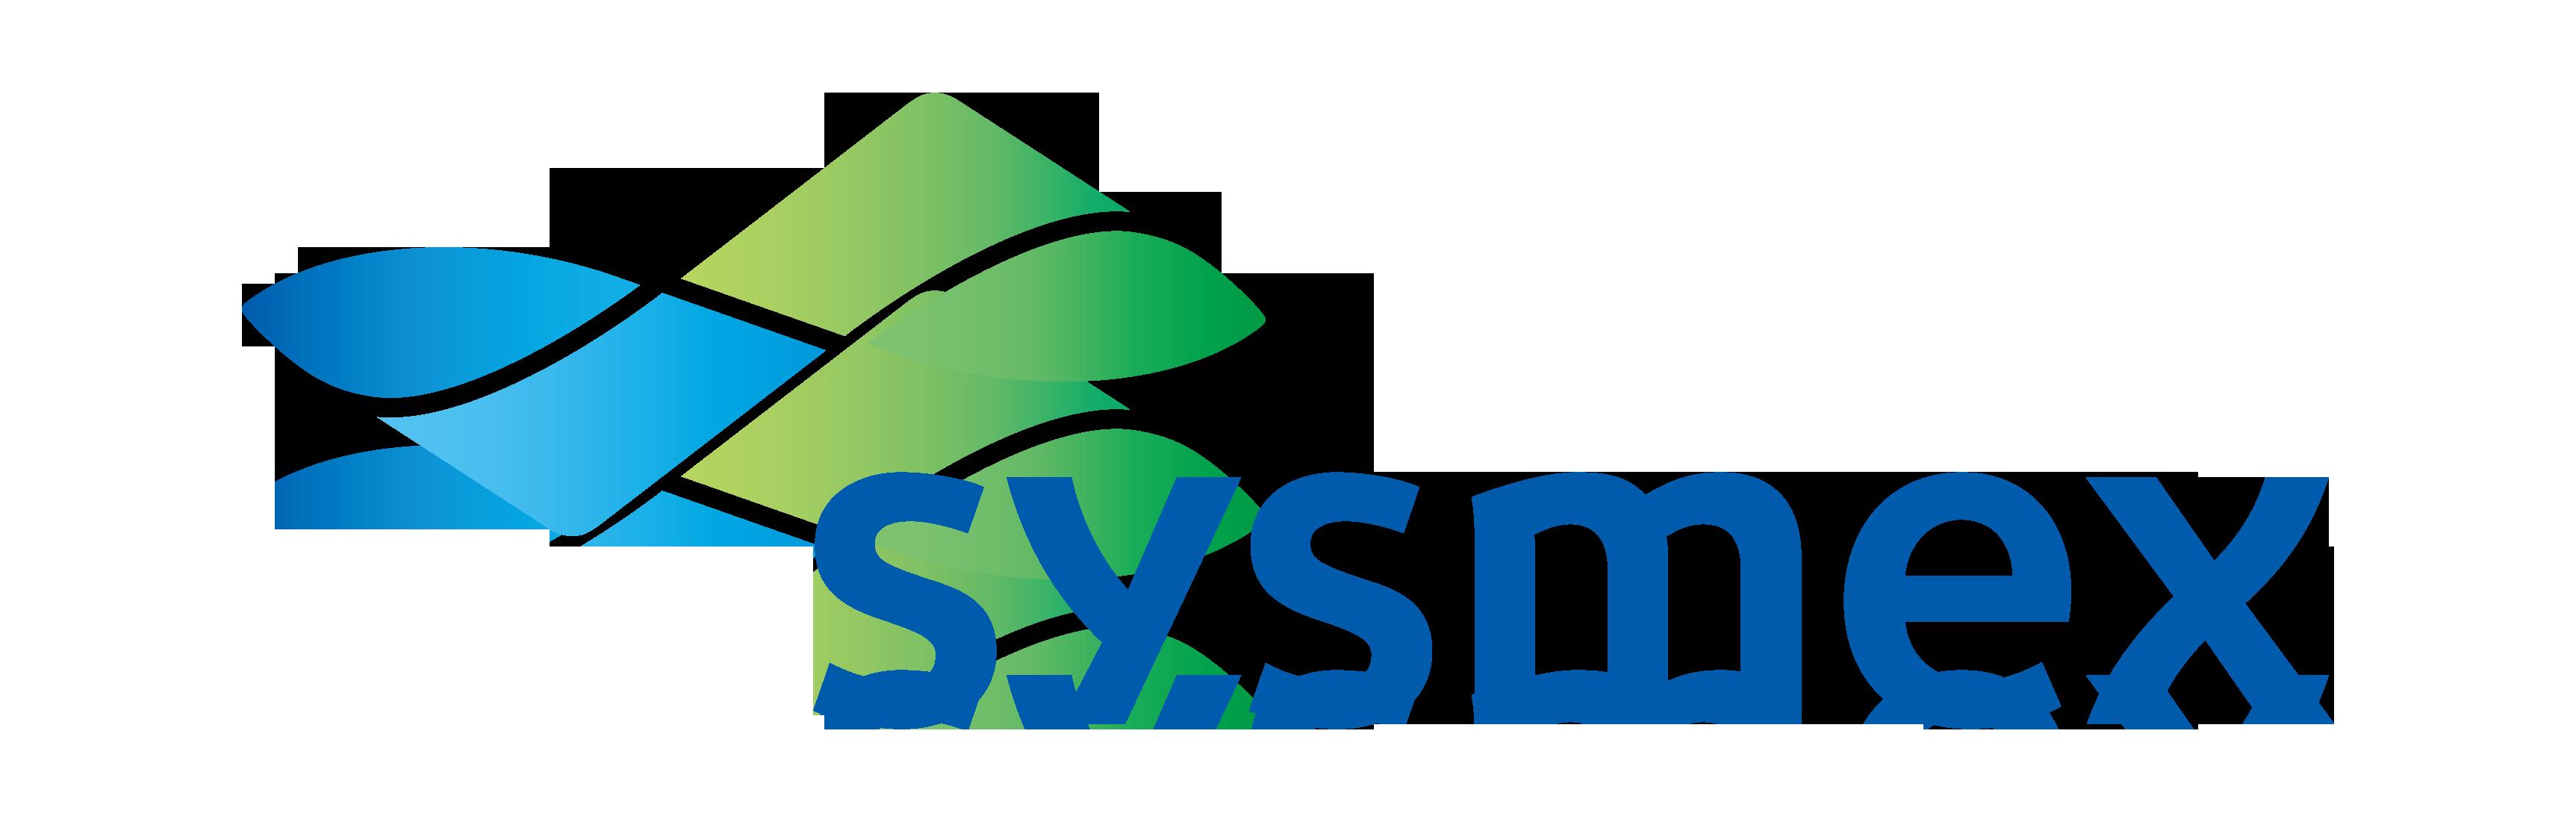 シスメックス株式会社ロゴ